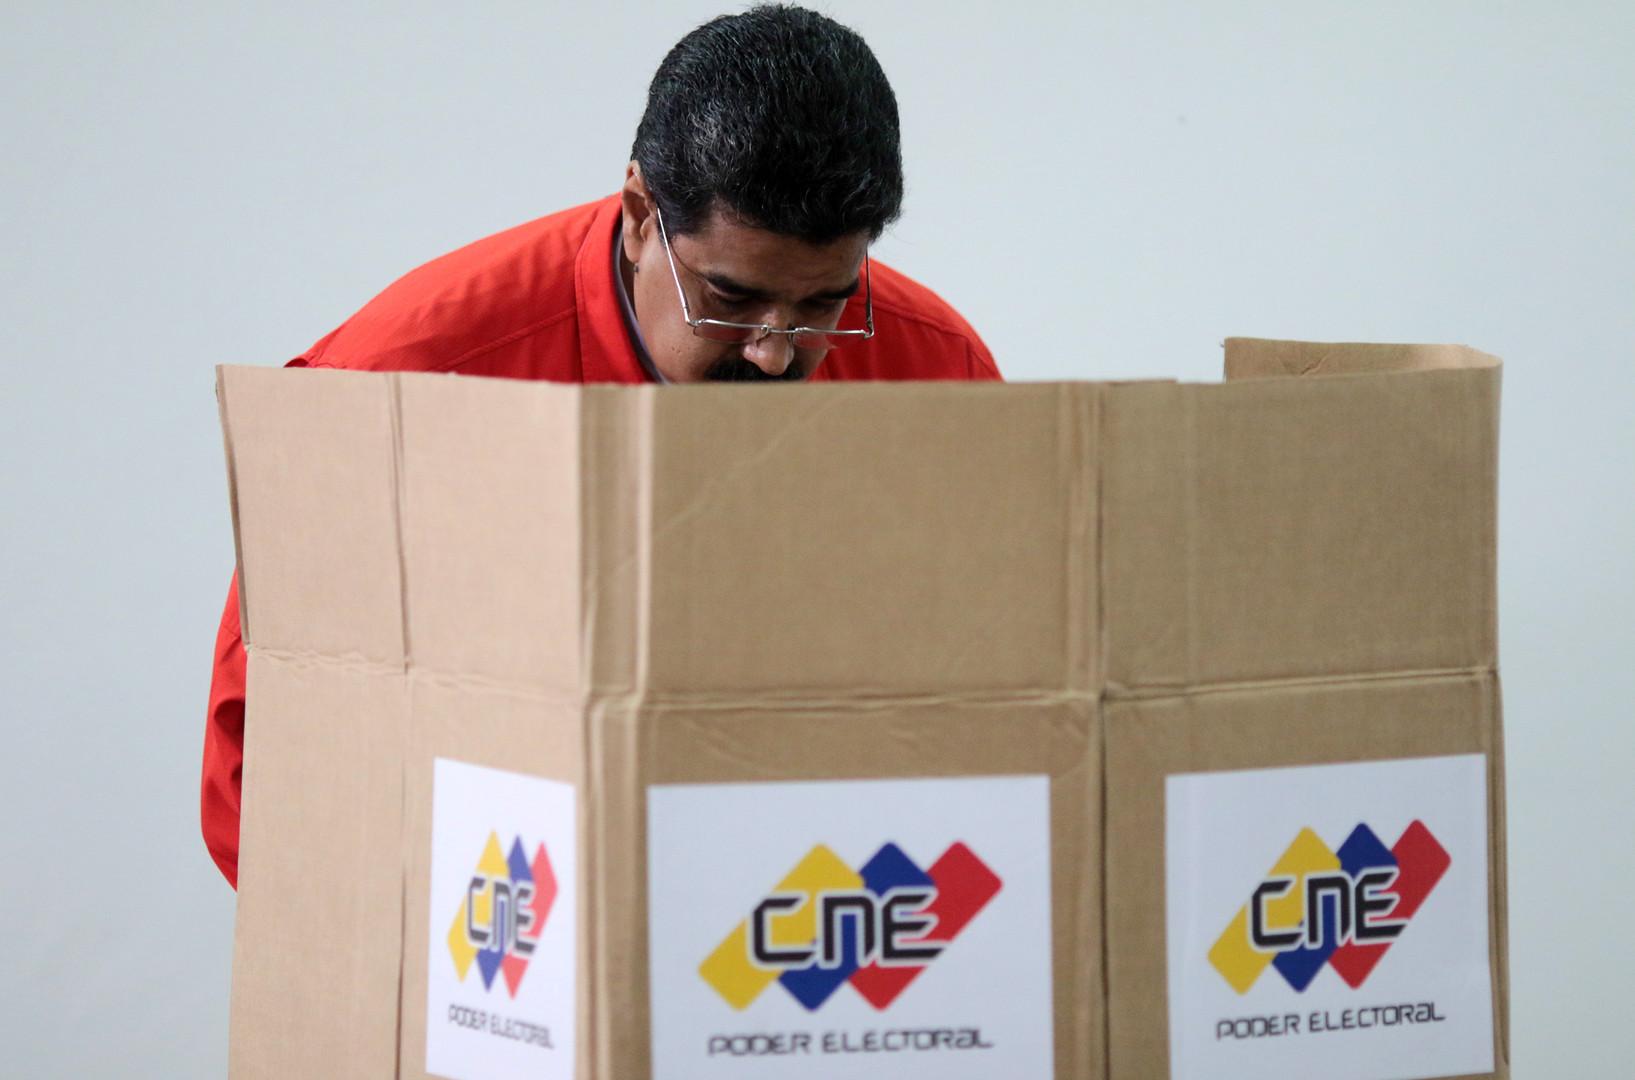 Venezuela: Über acht Millionen Bürger wählen trotz Gewalteskalation verfassungsgebende Versammlung